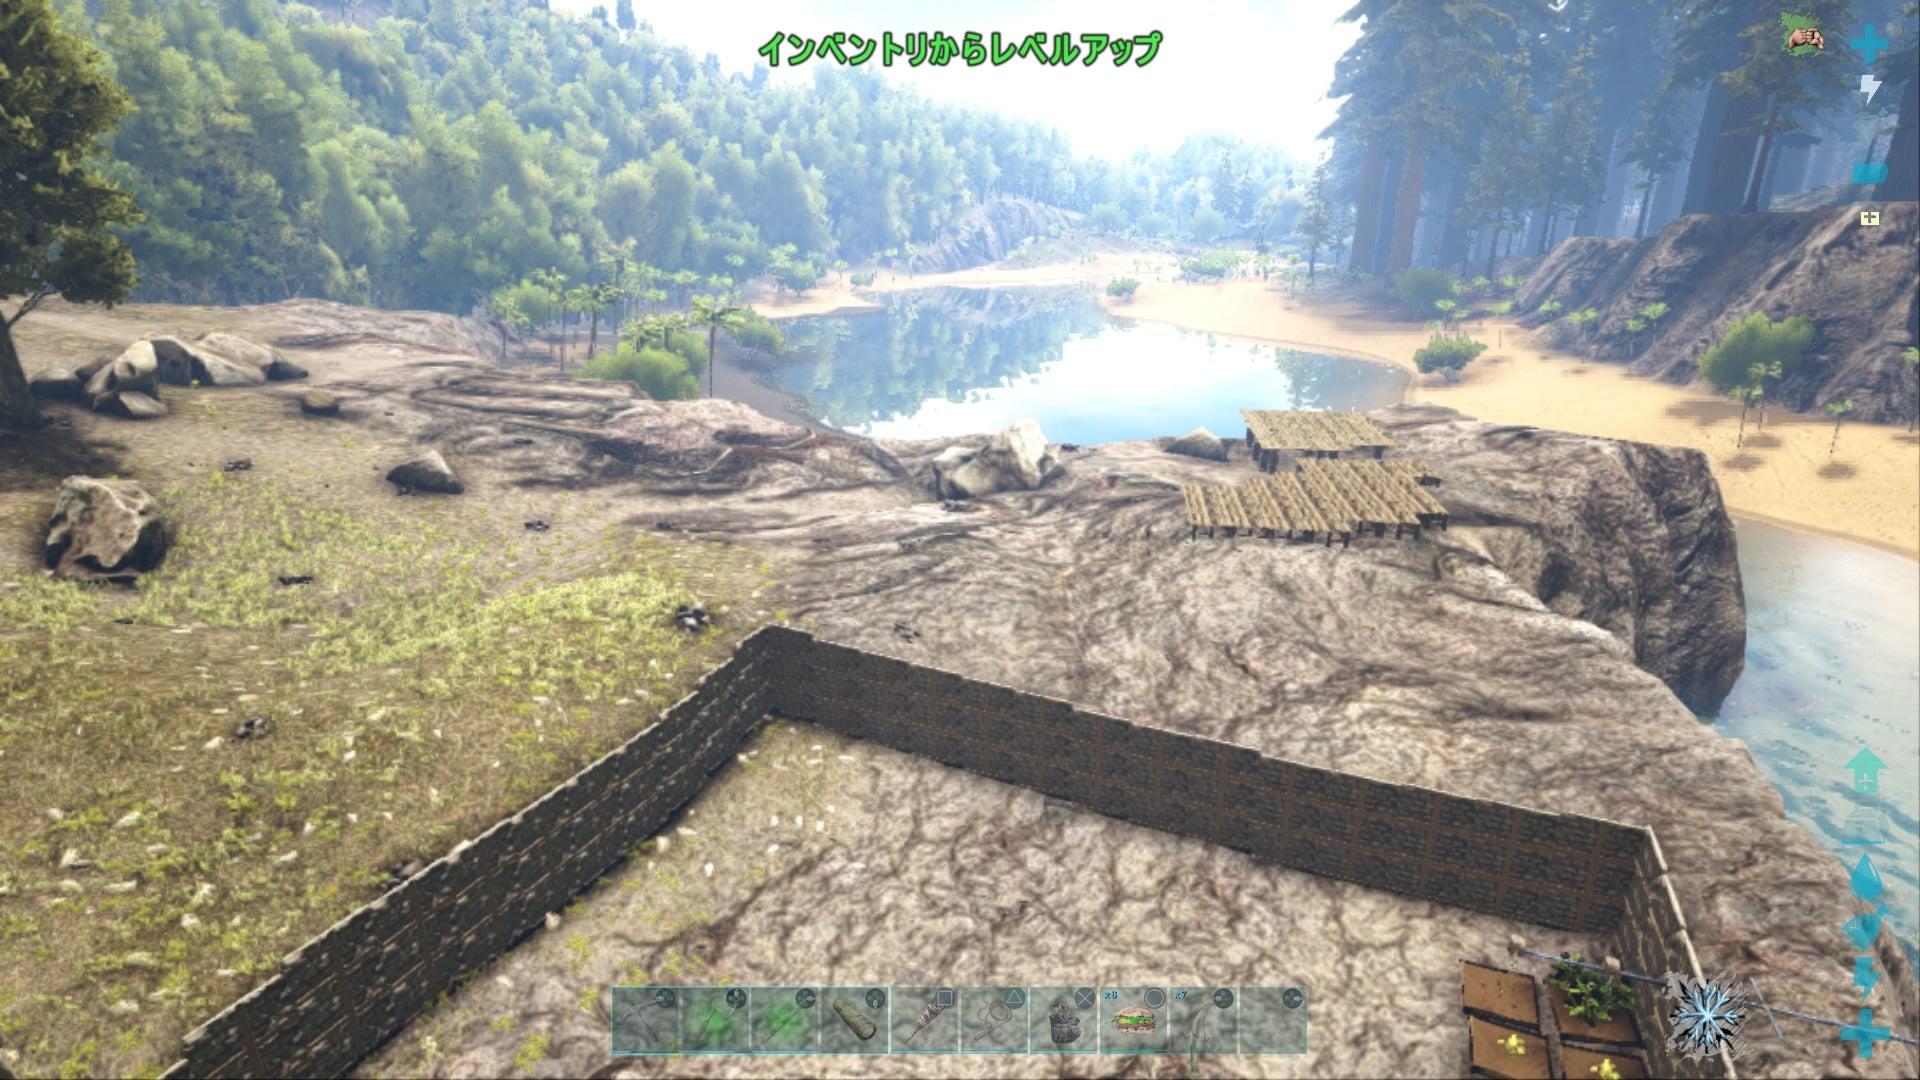 アイランド ark ps4 ARK攻略(PS4) アイランドの洞窟の場所とアーティファクトの座標